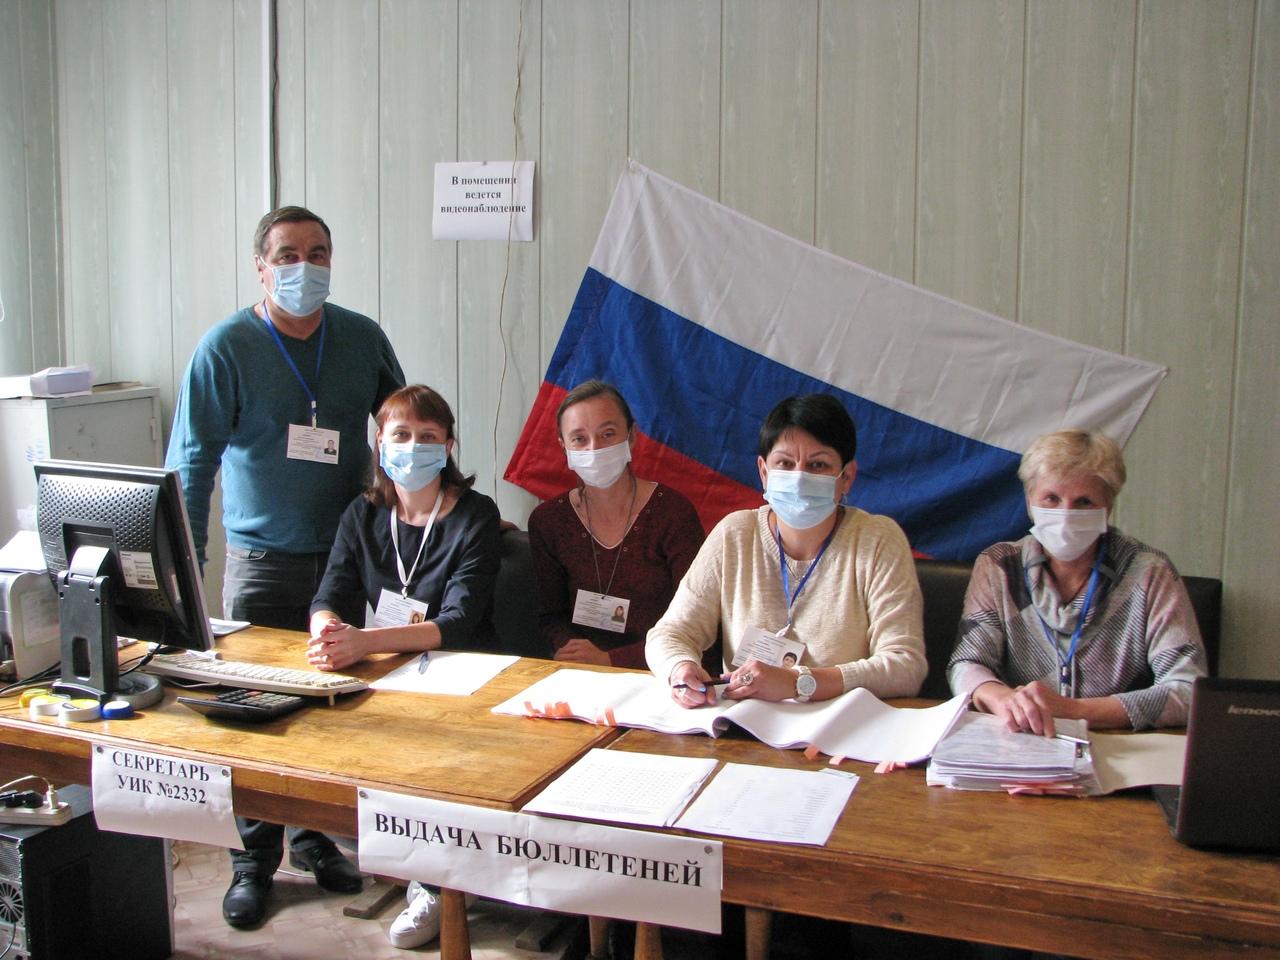 В Ярославской области в дополнительных выборах активно участвуют пенсионеры и ветераны: как проходит голосование